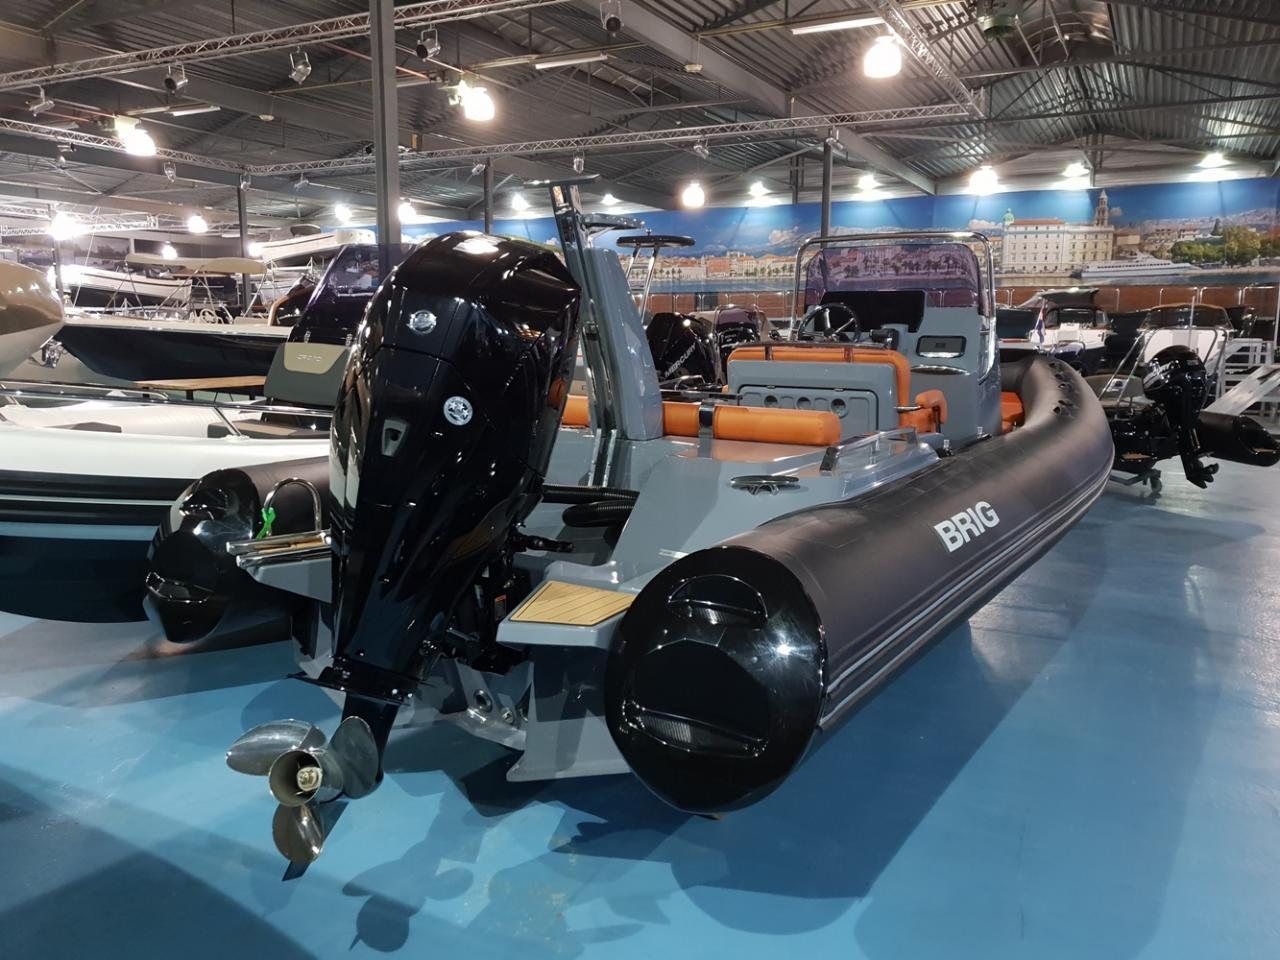 Brig Eagle 6.7 rib met Mercury 225 pk VAARKLAAR! 4